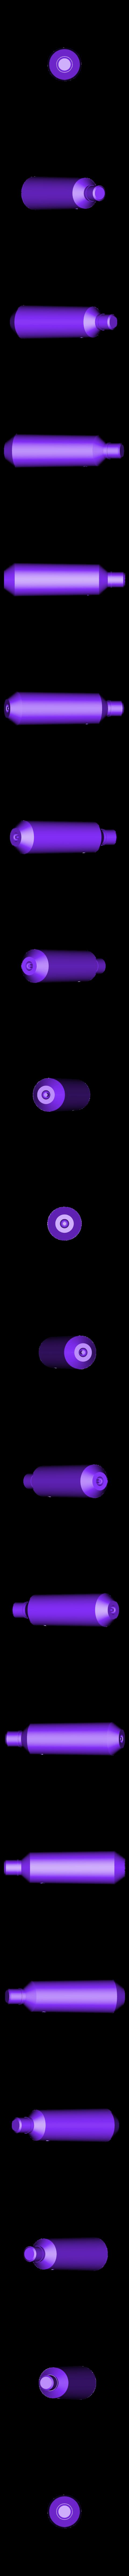 5c51a6fb bf53 41d9 9926 96959c4fc199